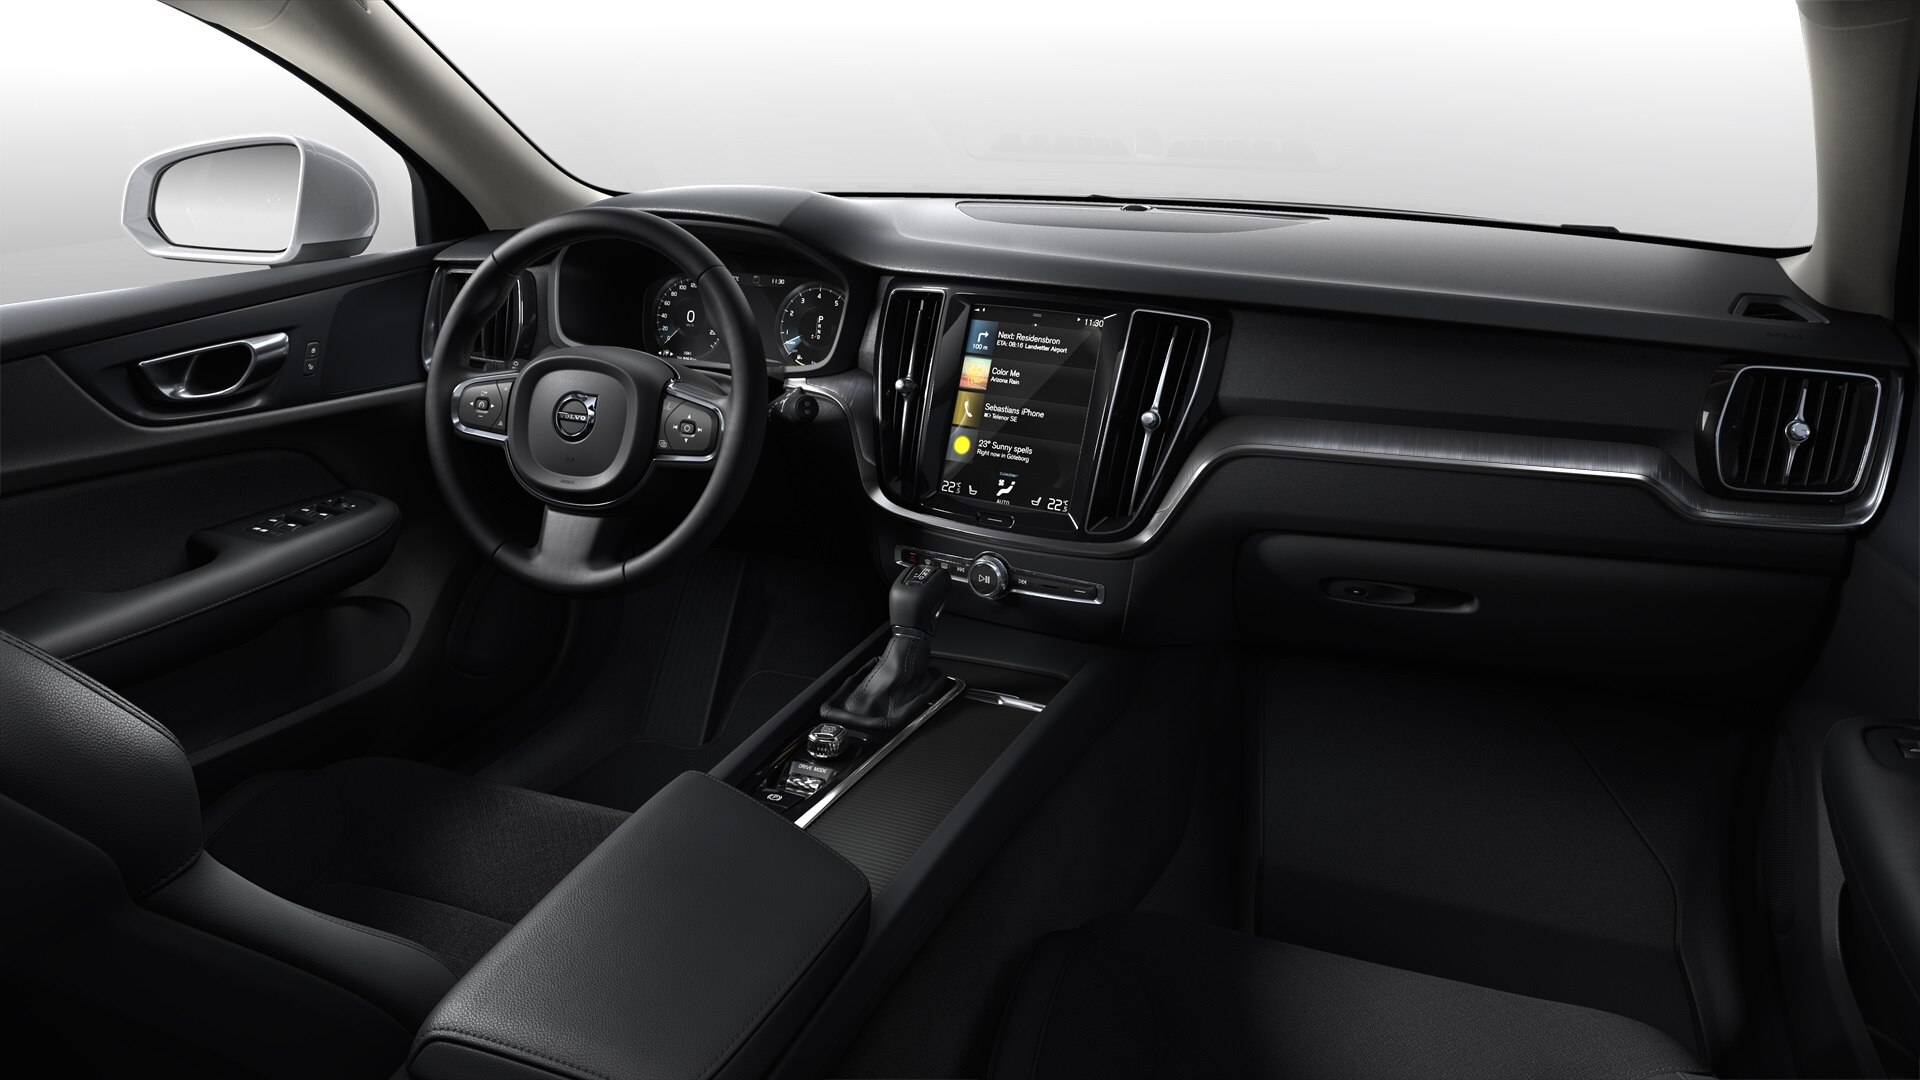 Volvo V60 ilgalaikė automobilių nuoma | Sixt Leasing